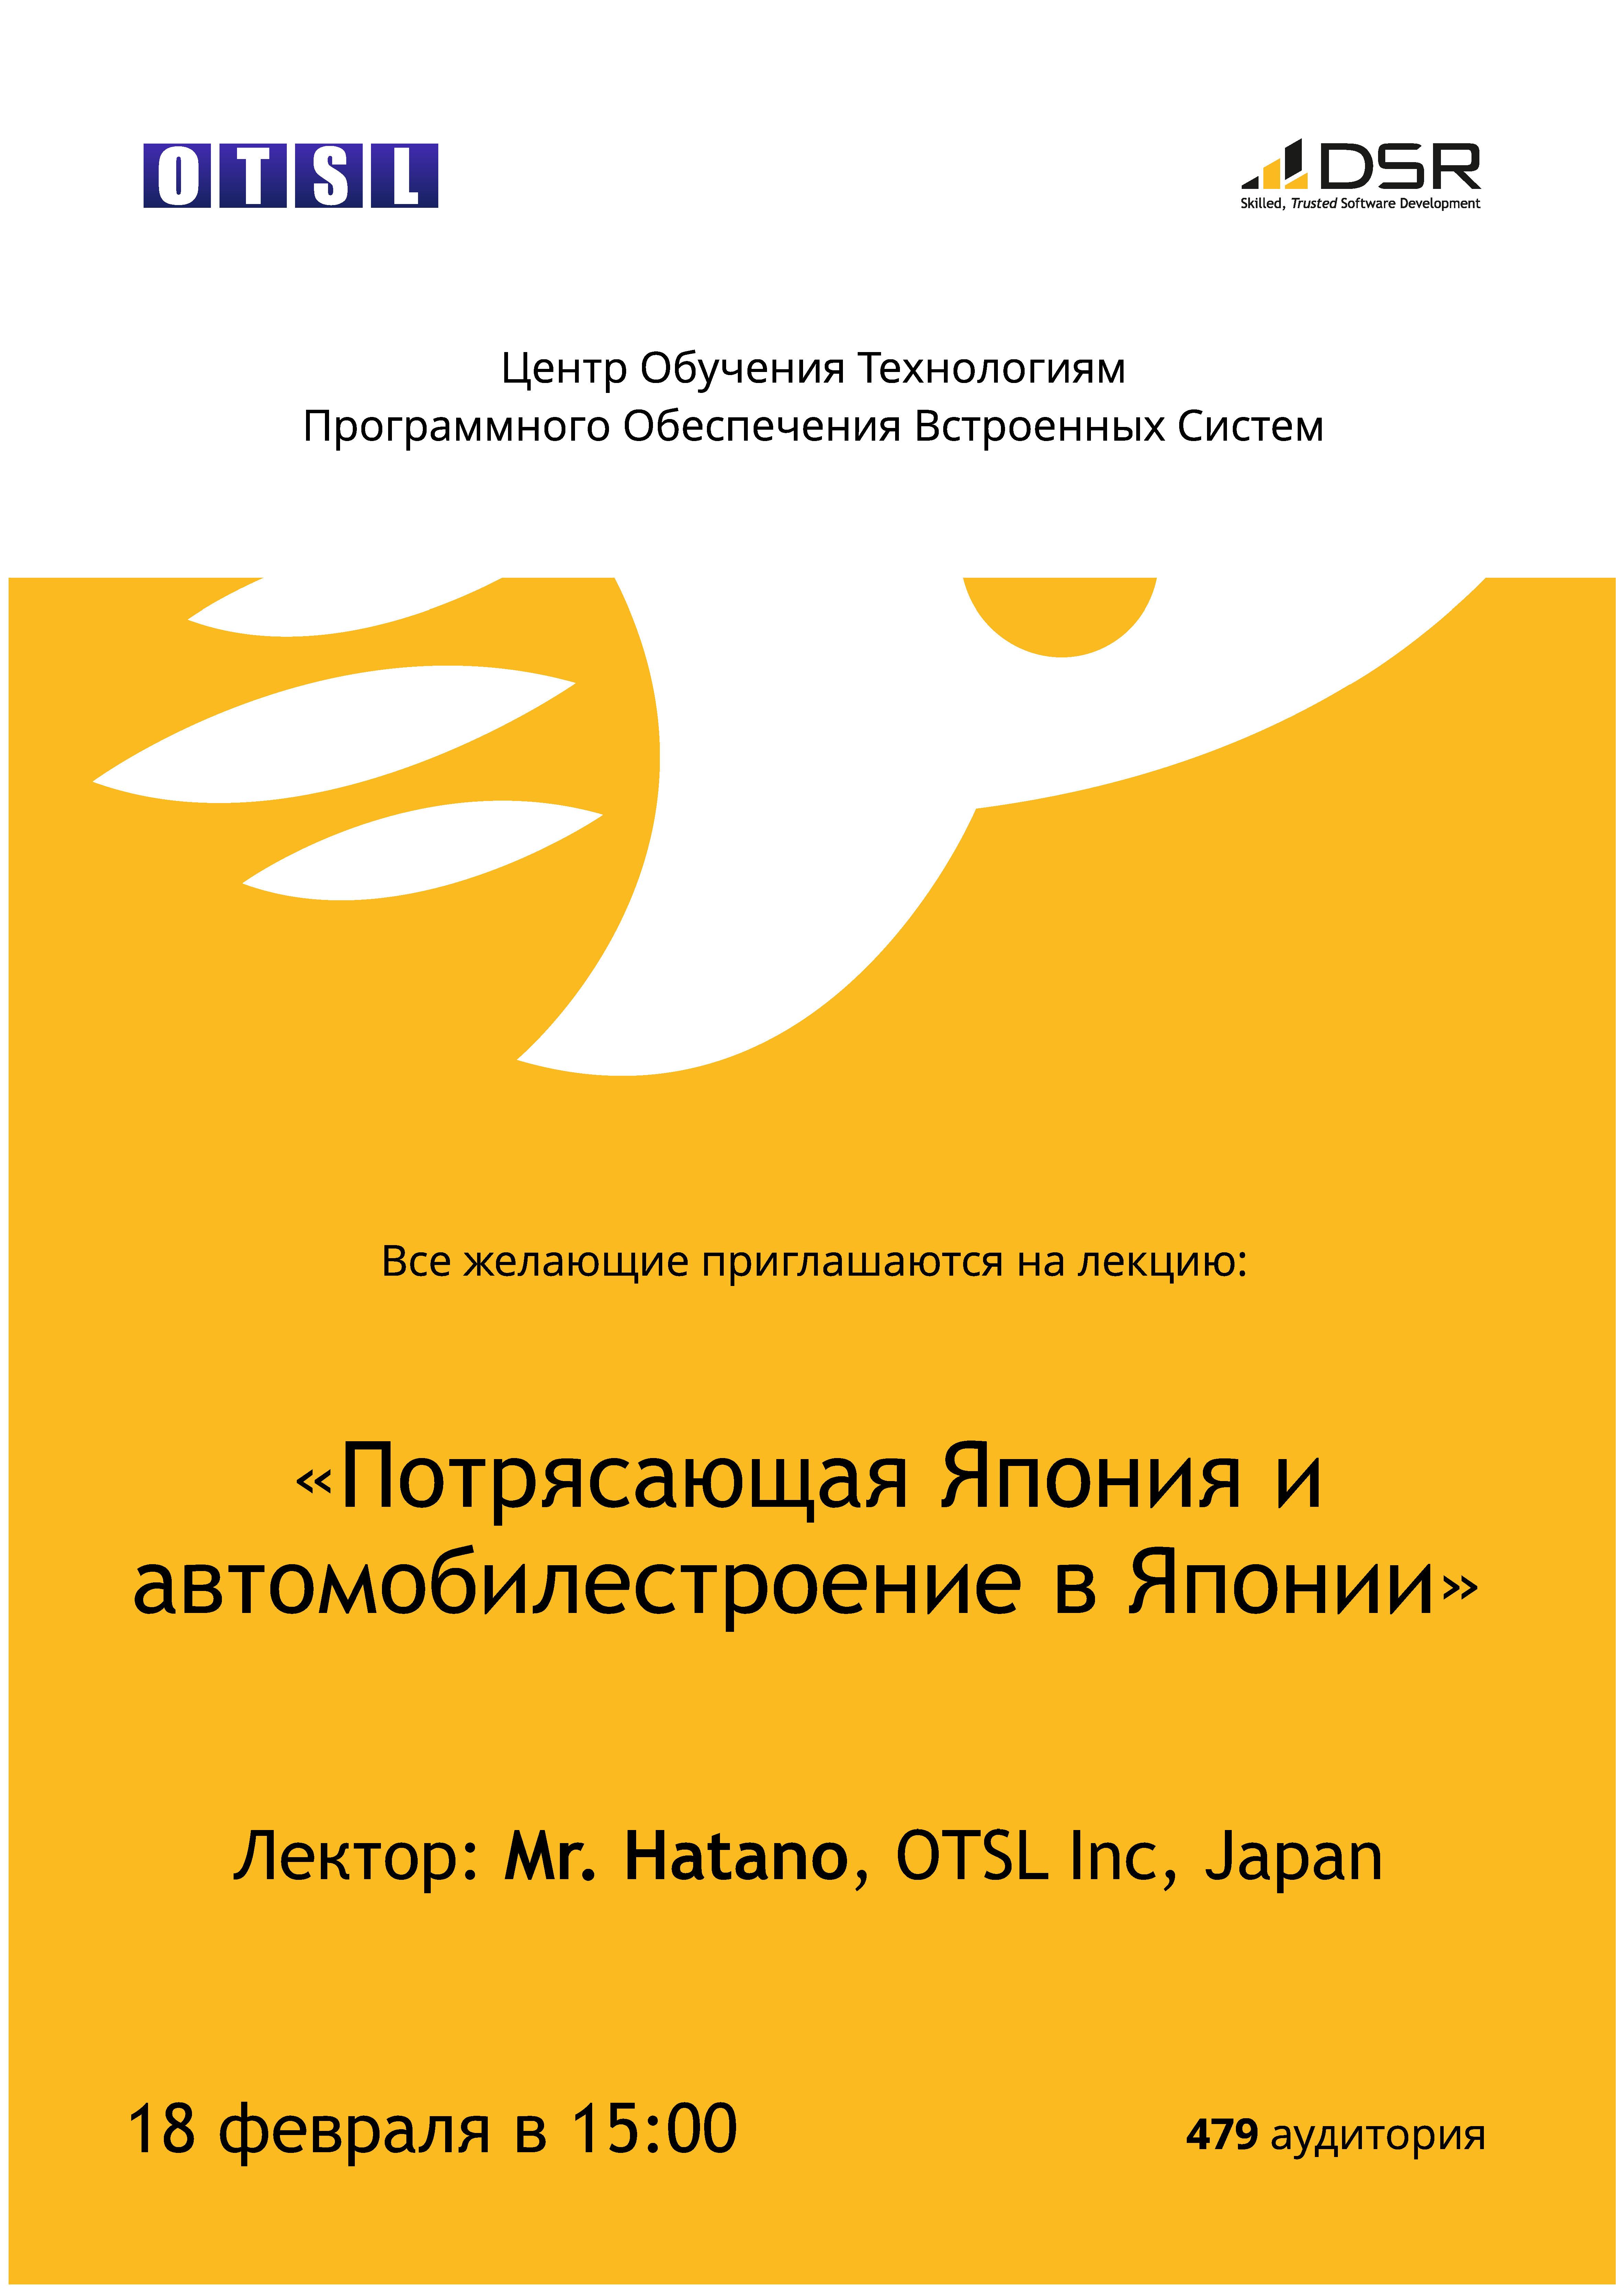 lecture-invitation-022016